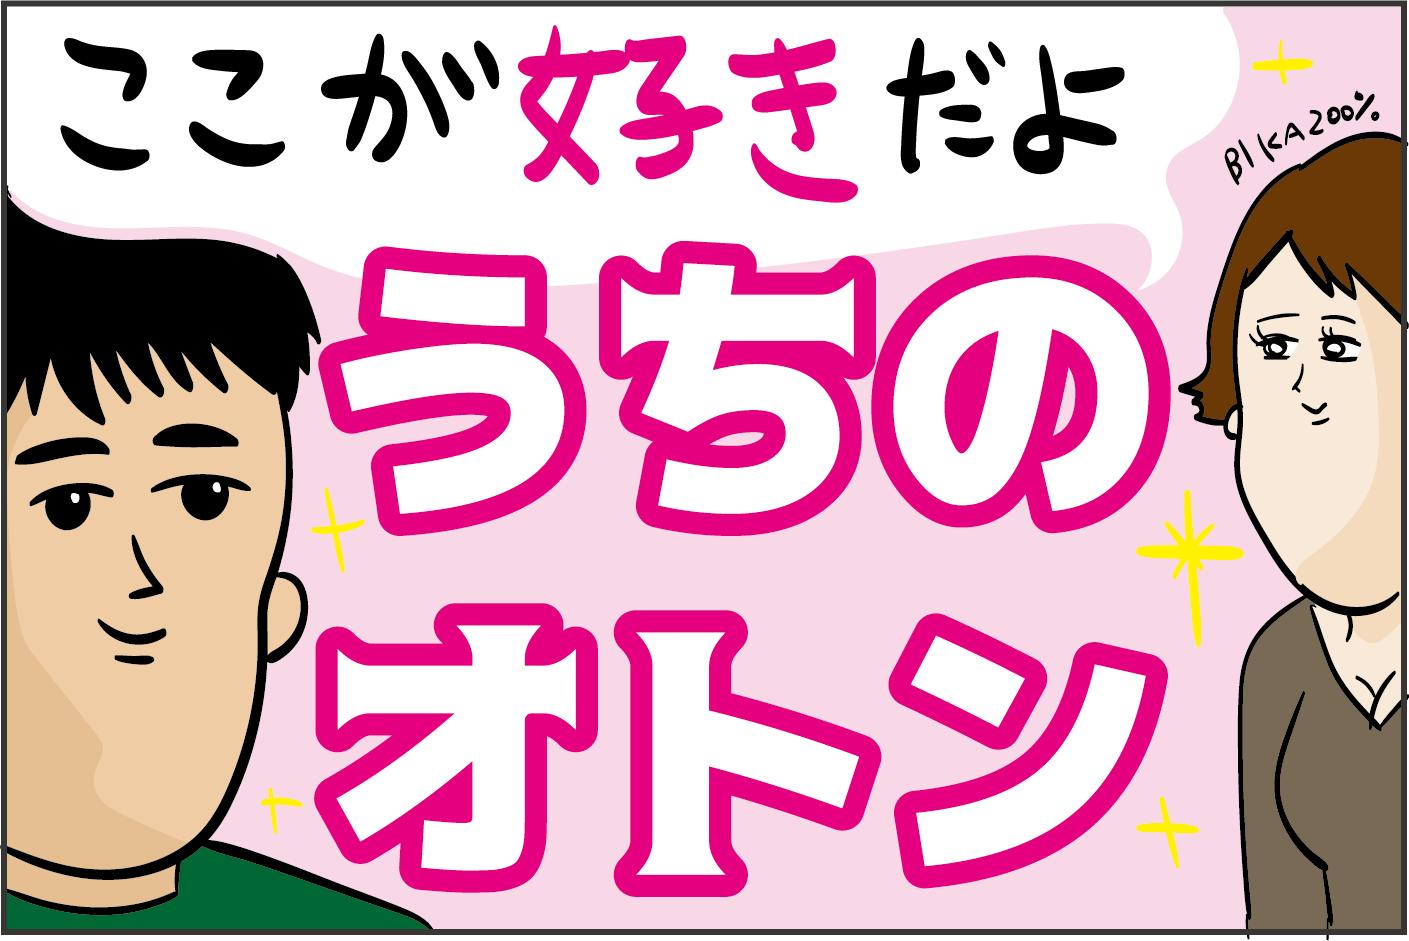 ここが好きだよ! うちのオトン 〜褒め方編~